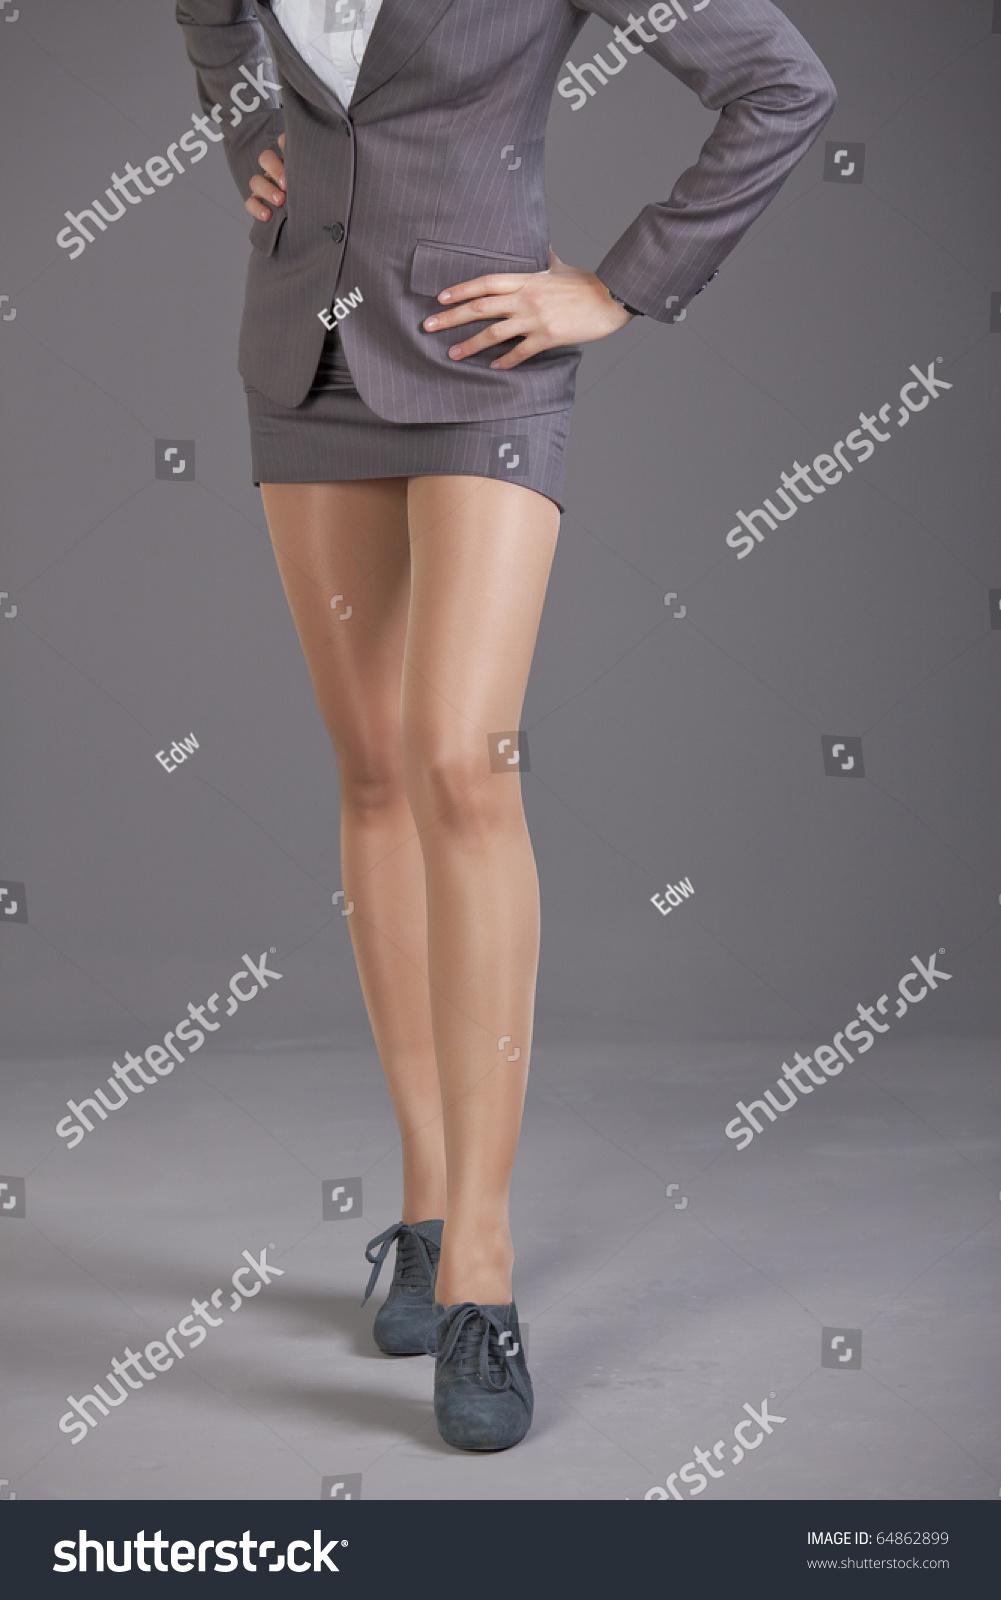 Сексуальные деловые женщины фото 22 фотография